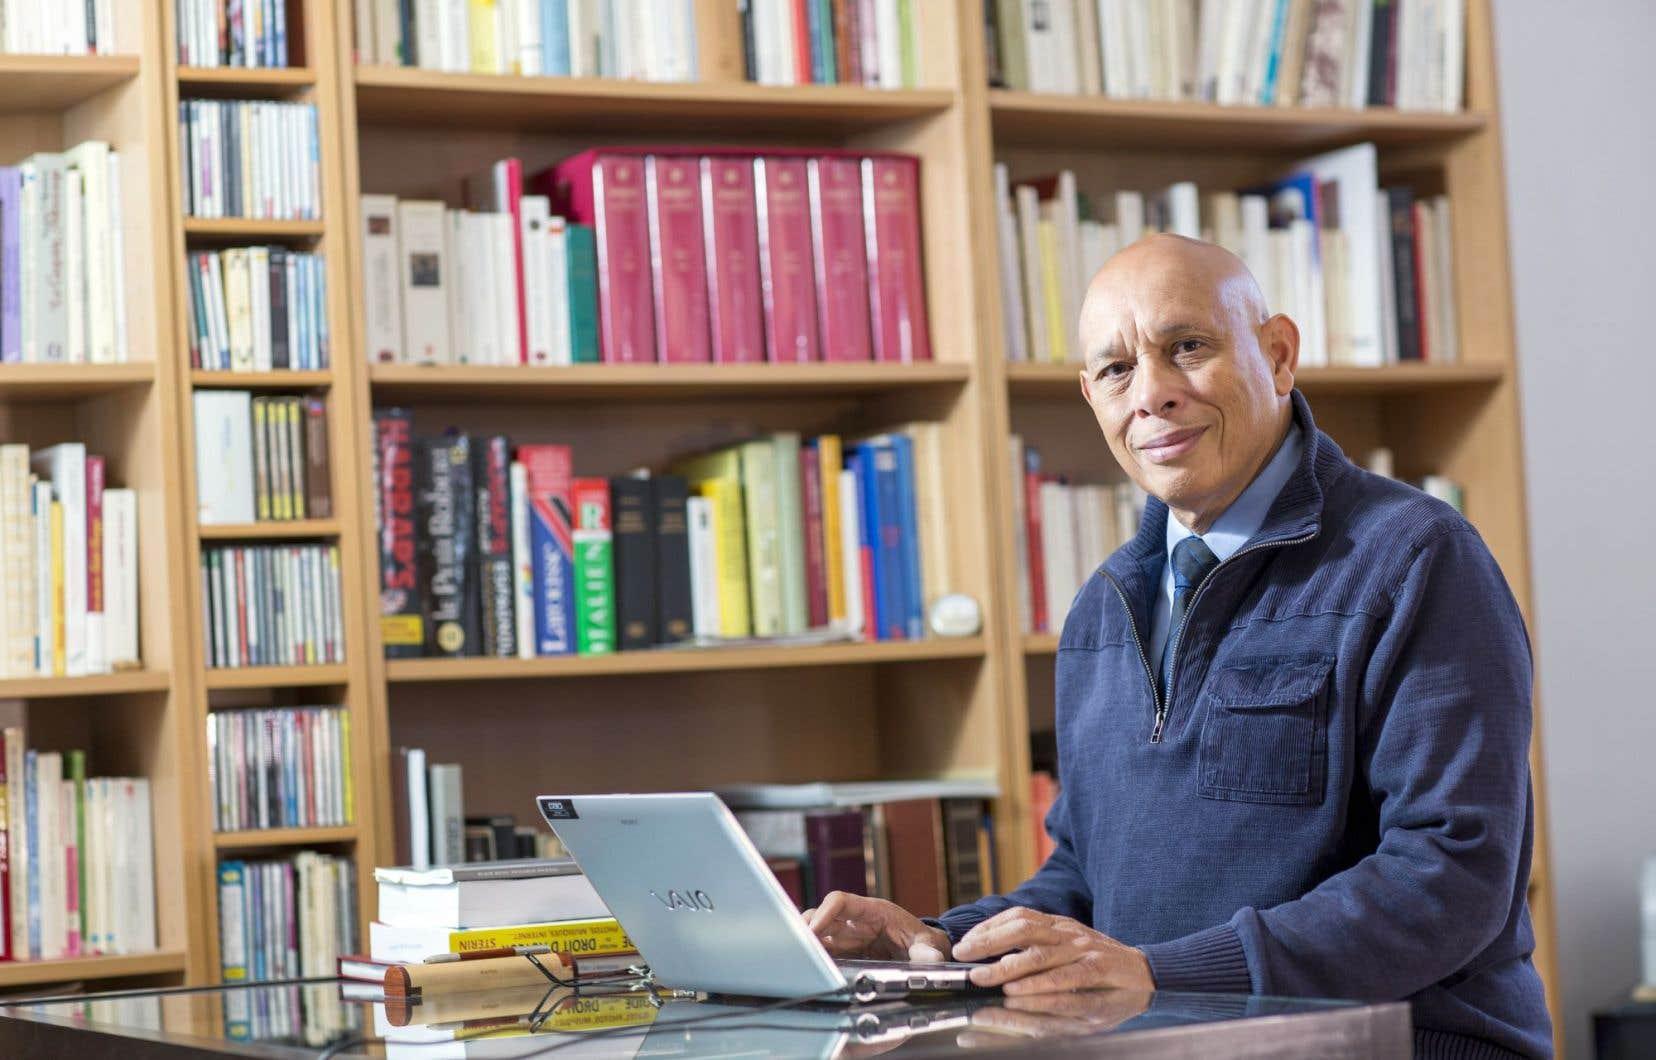 «J'ai voulu relever le défi de donner une idée, au moins de synthèse, de toutes les sphères qui me sont connues», explique Claude Dauphin.